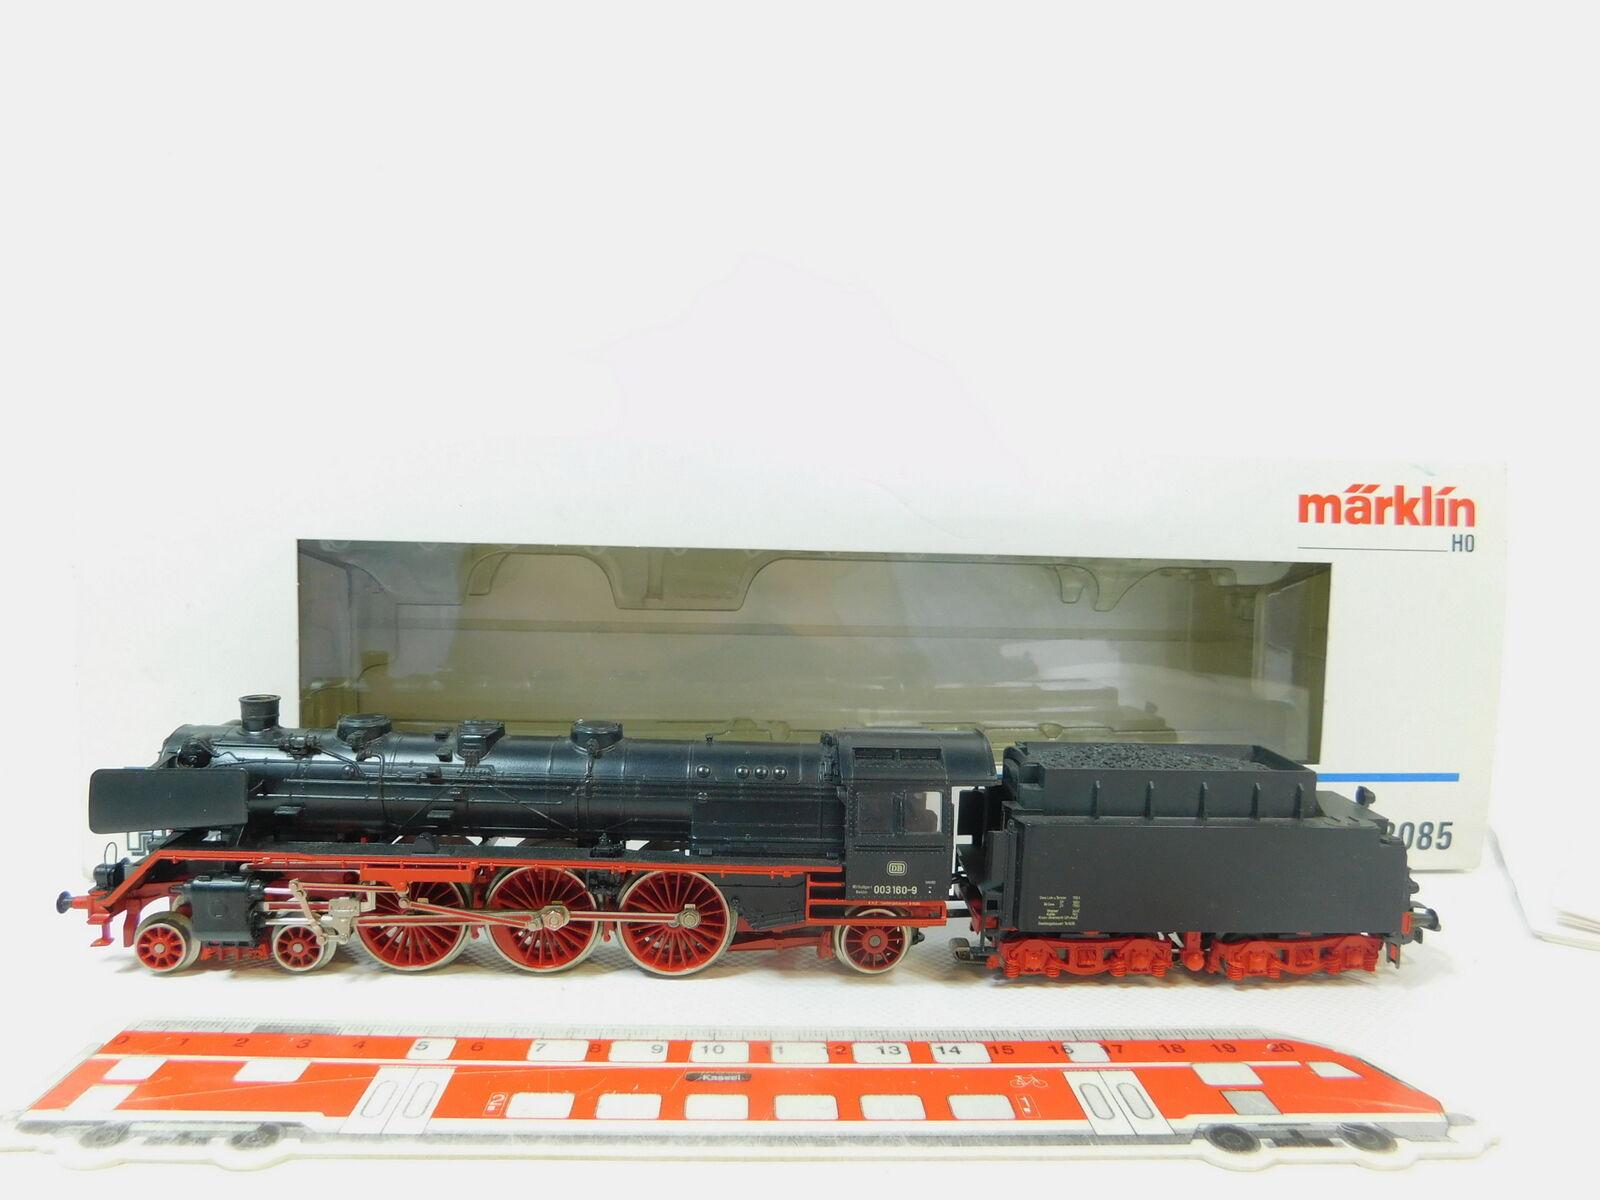 BL26-2  Märklin Hobby H0 AC 3085 Dampflokomotive 003 160-9 DB Rauch sehr gutOVP  | Ausgezeichnet